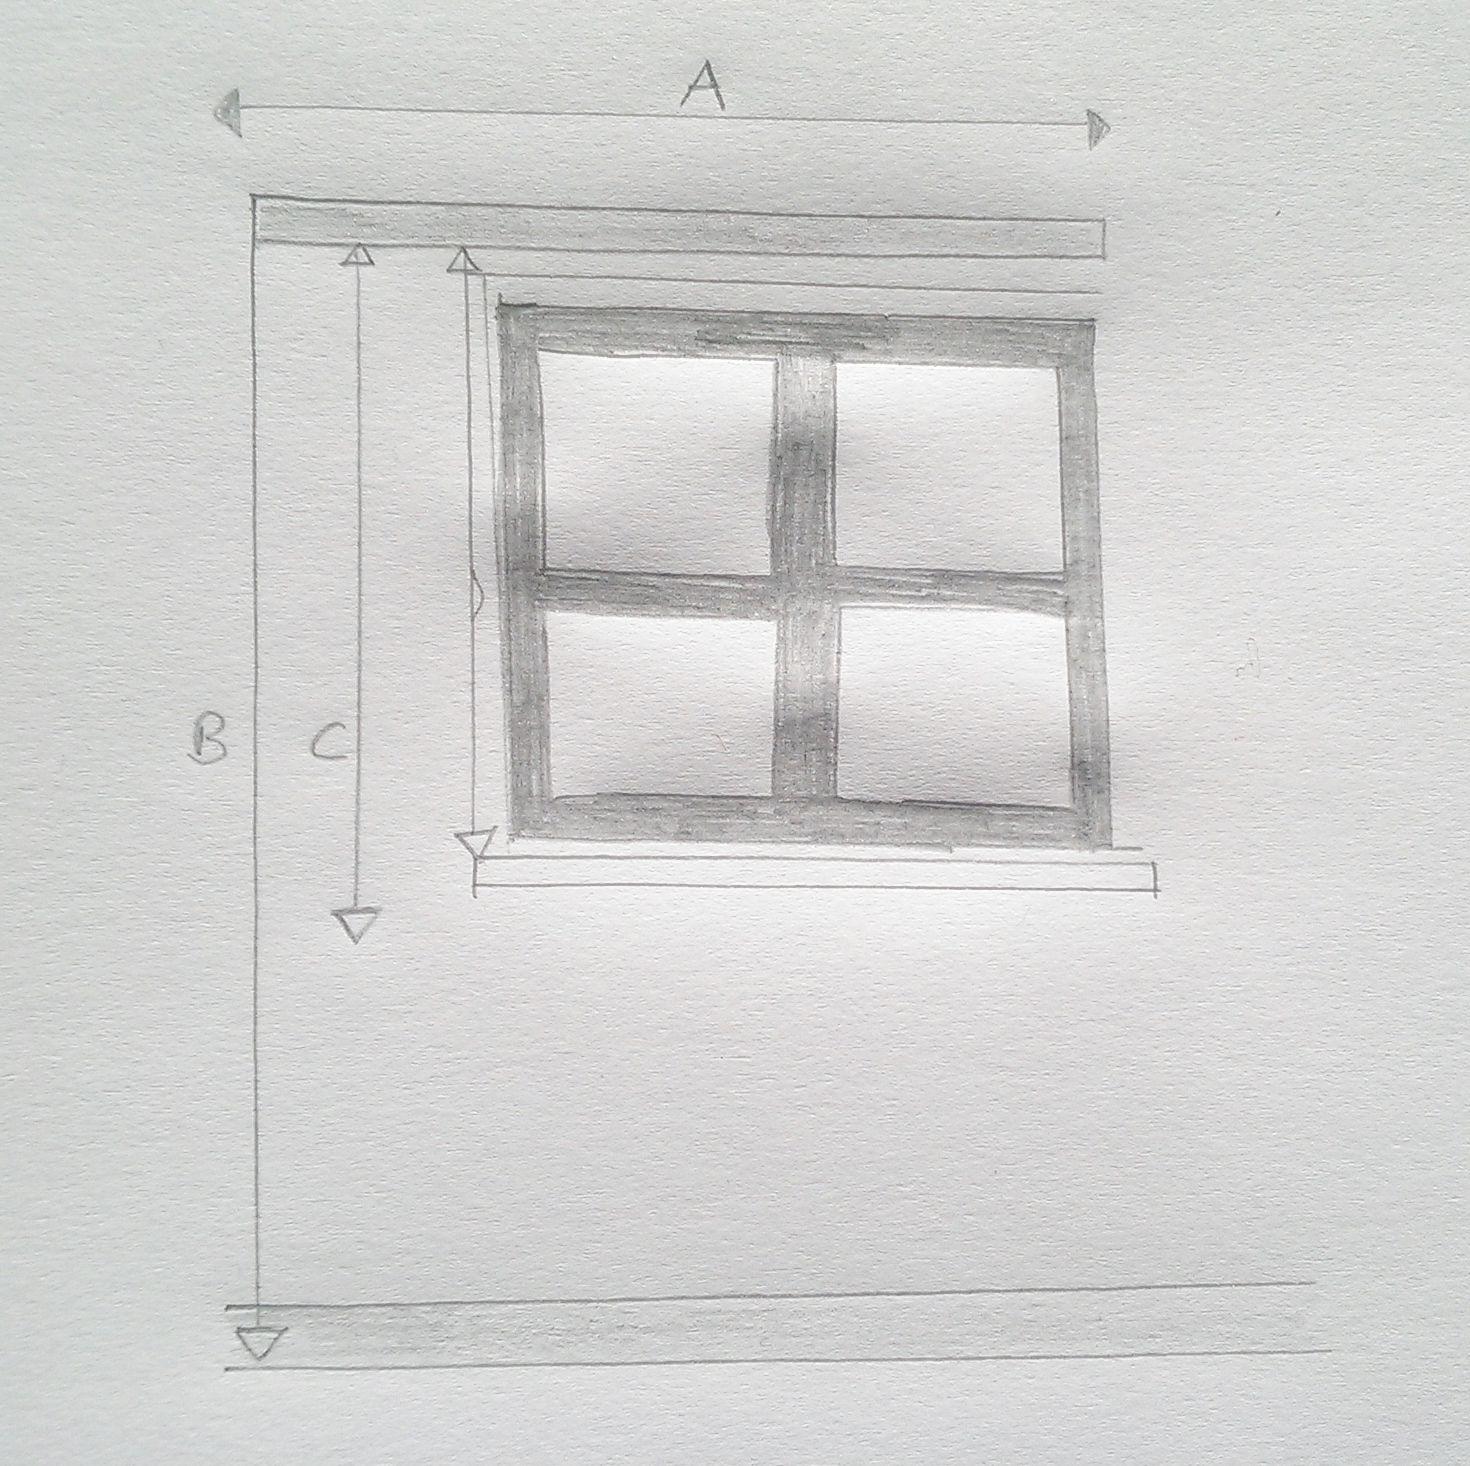 vorh nge selbst n hen eine ausf hrliche anleitung mit verschiedenen aufh ngel sungen sewing. Black Bedroom Furniture Sets. Home Design Ideas